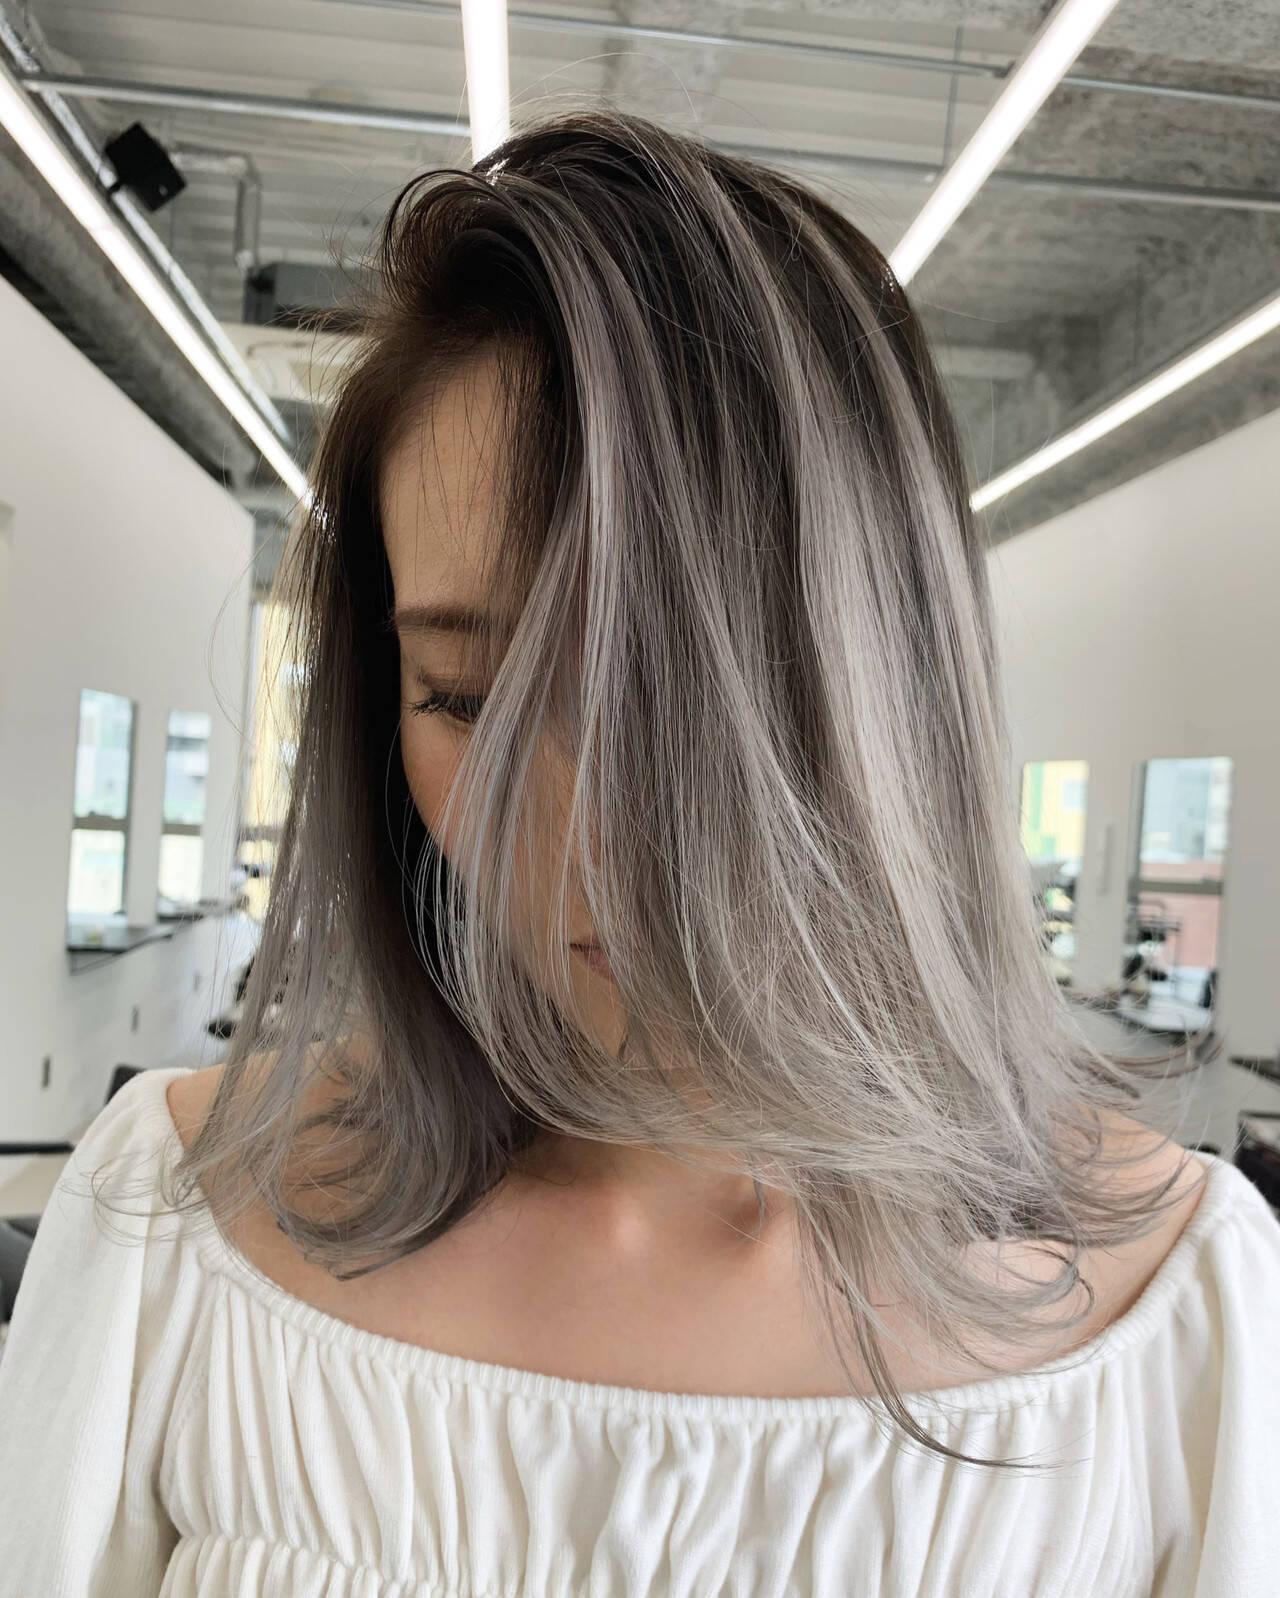 アッシュ グレーアッシュ ミディアム アッシュグレーヘアスタイルや髪型の写真・画像